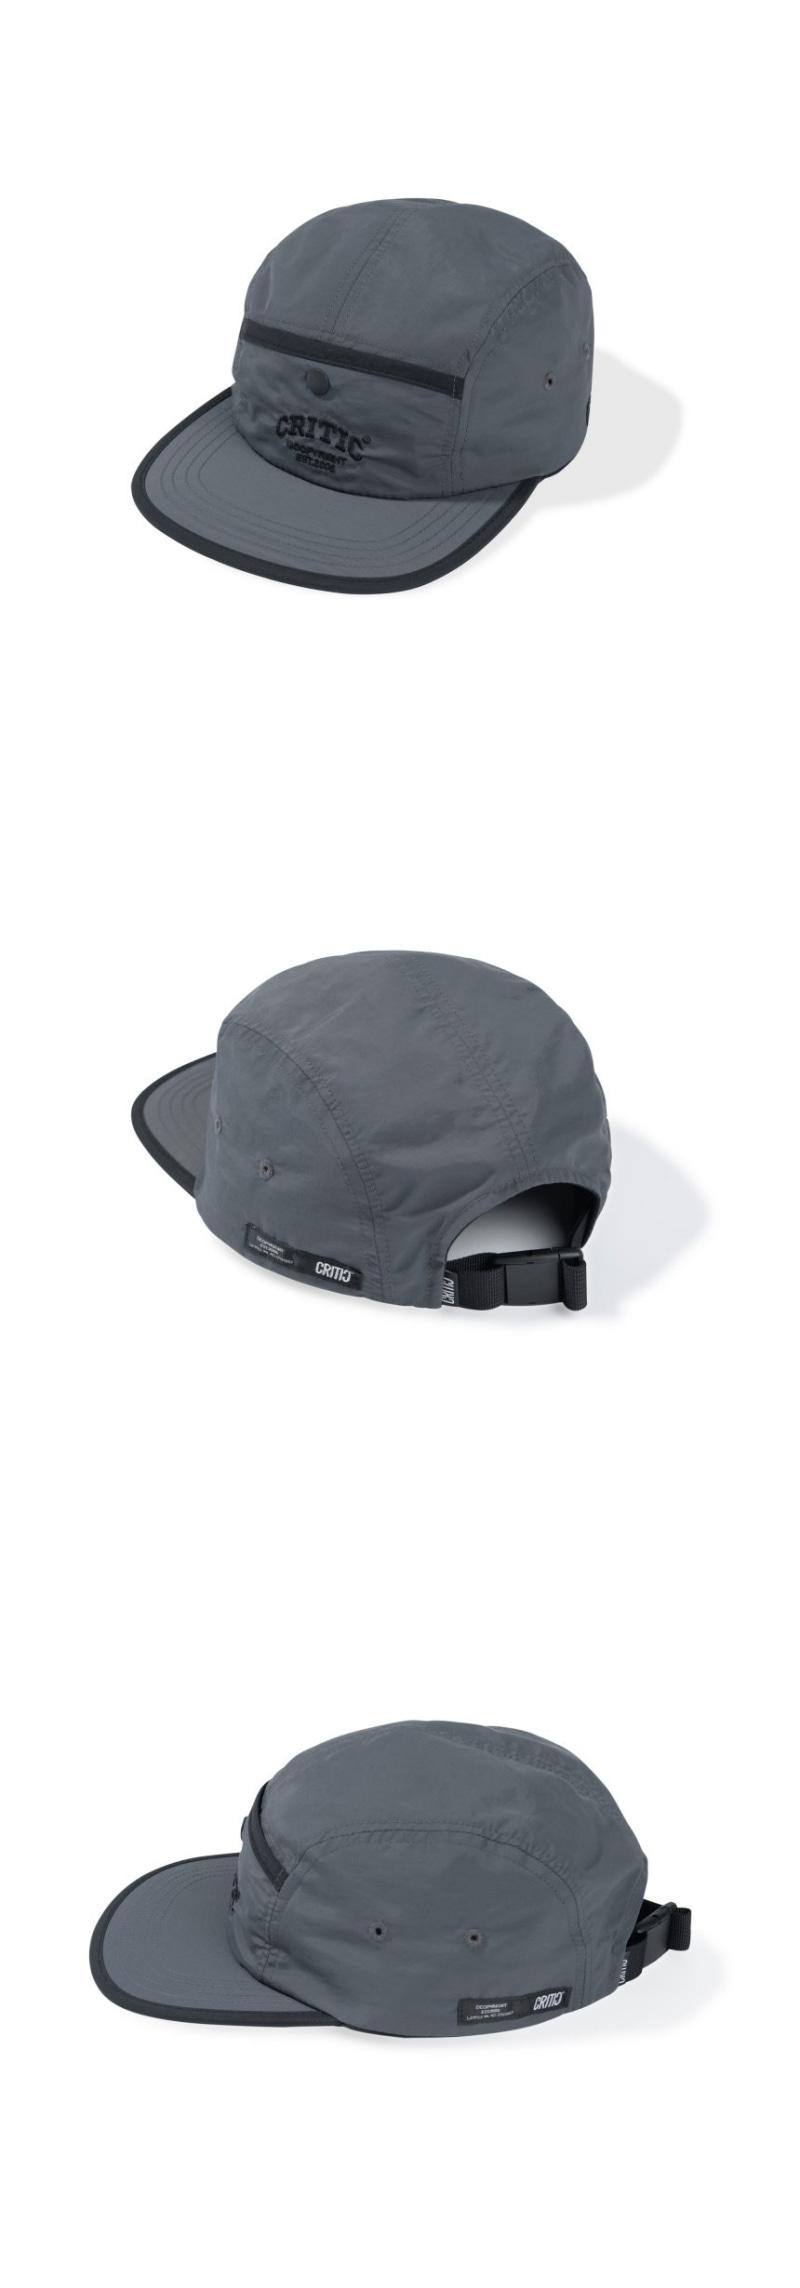 POCKET CAMP CAP(CHARCOAL)_CTTZAHW01UC1